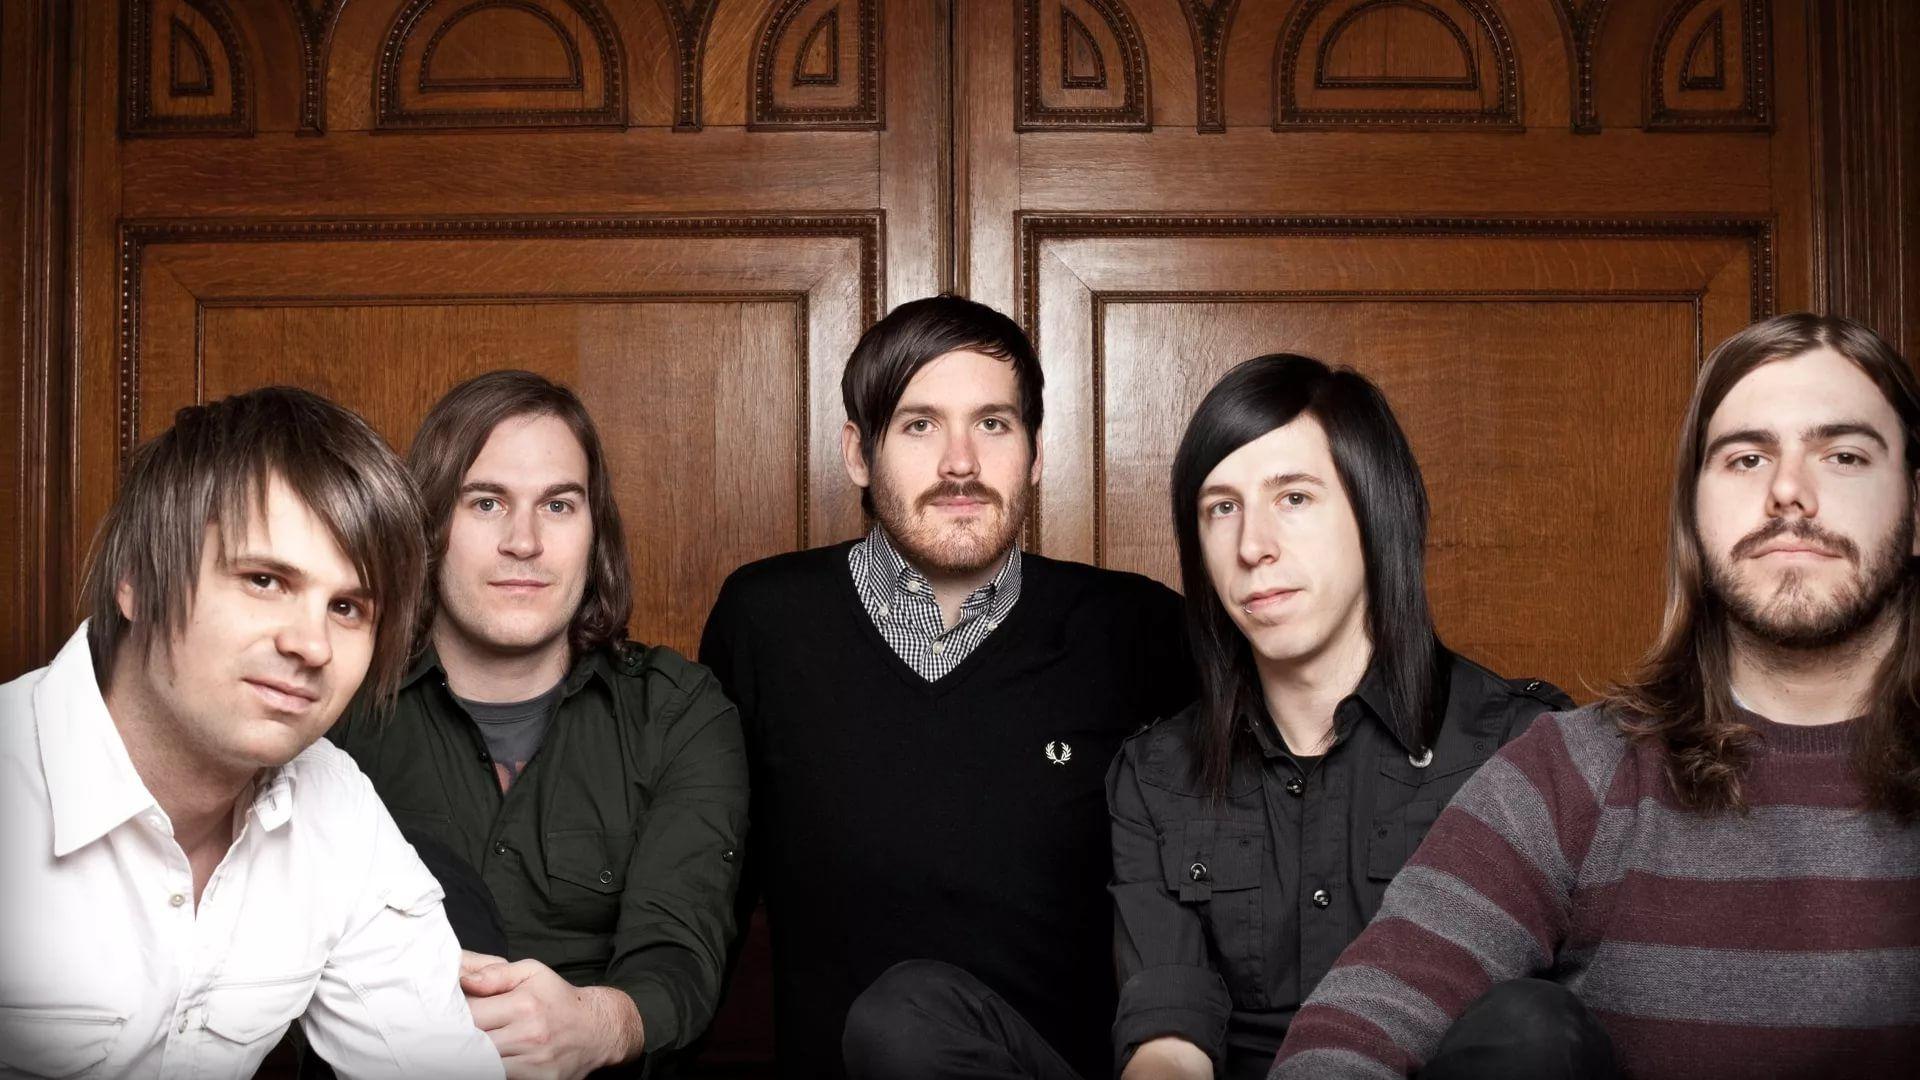 Emo Band a wallpaper